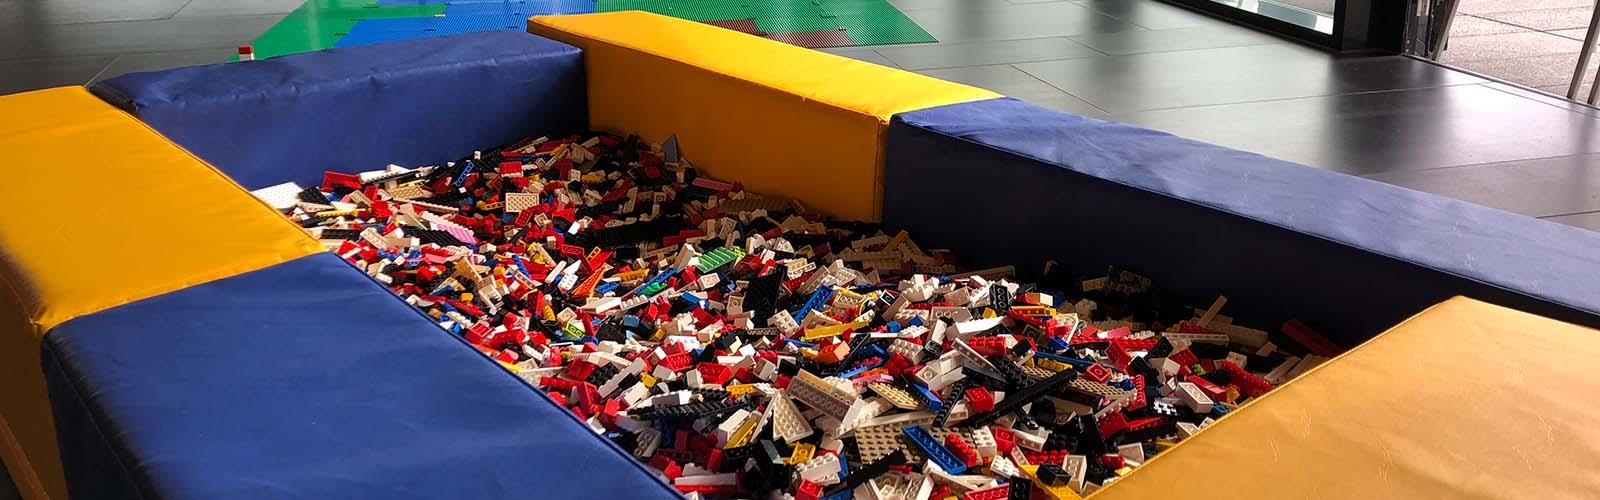 LEGO brick pit hire for Cambridge University, UK